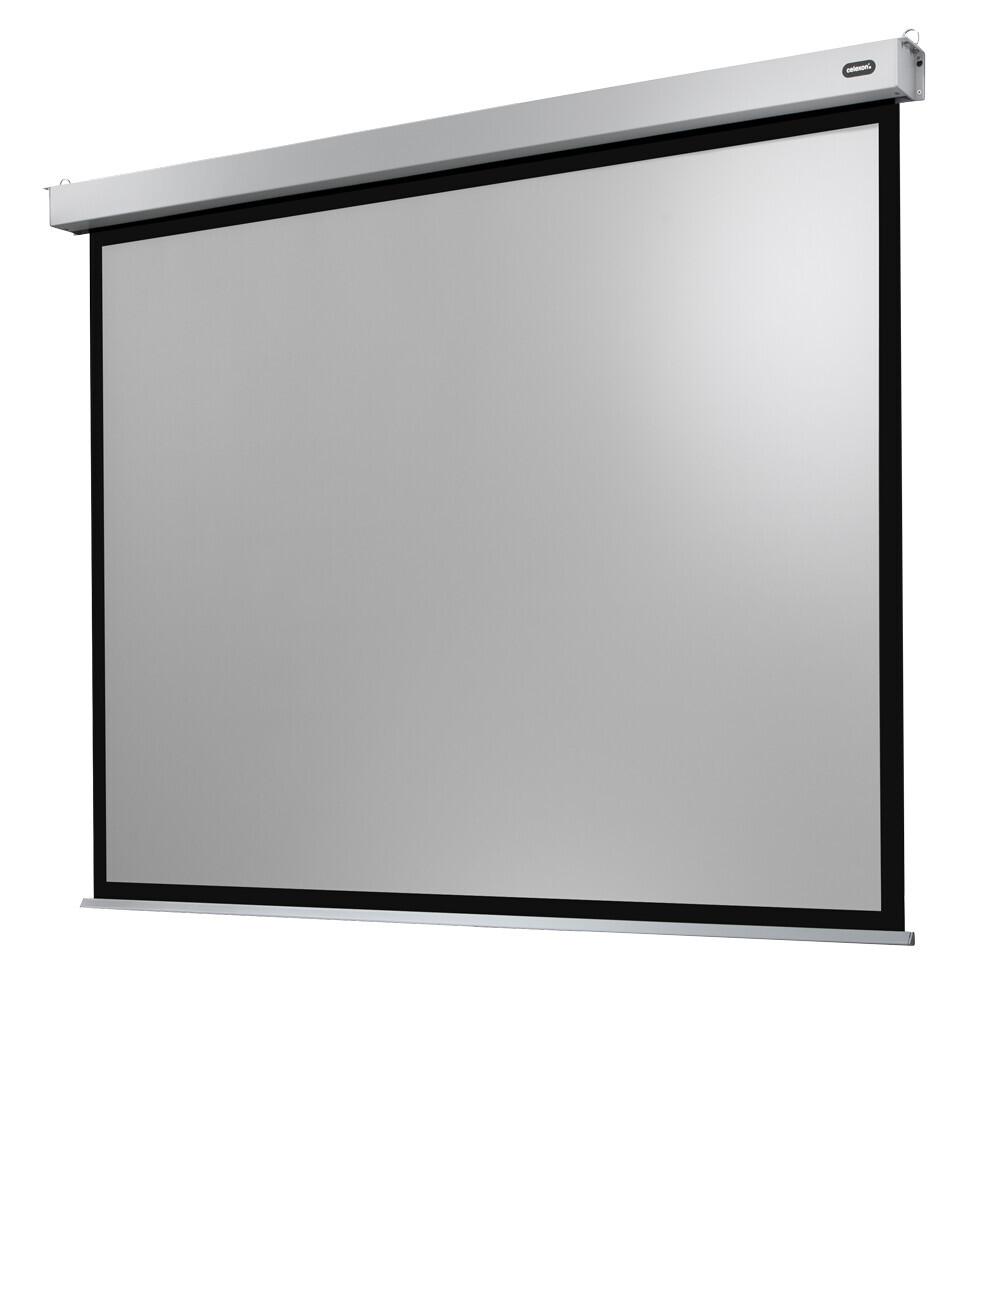 celexon schermo motorizzato Professional Plus 300 x 225 cm